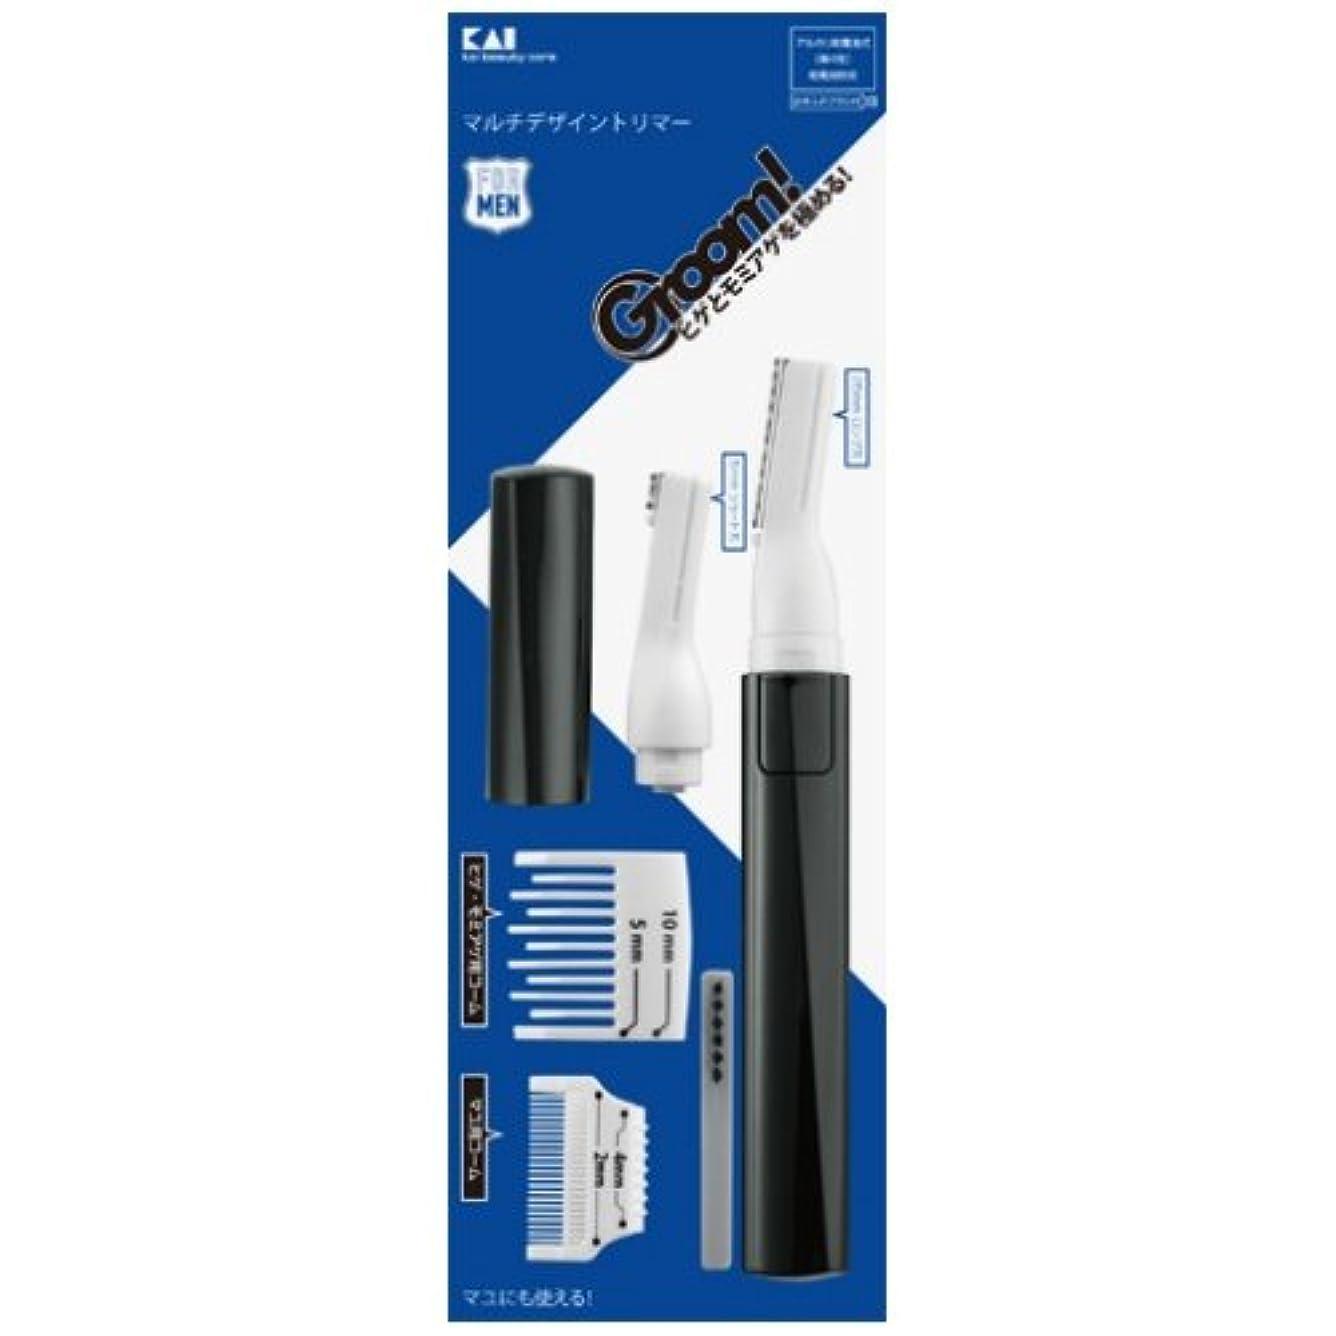 乳剤上通信網グルーム(Groom!) マルチトリマー HC3001